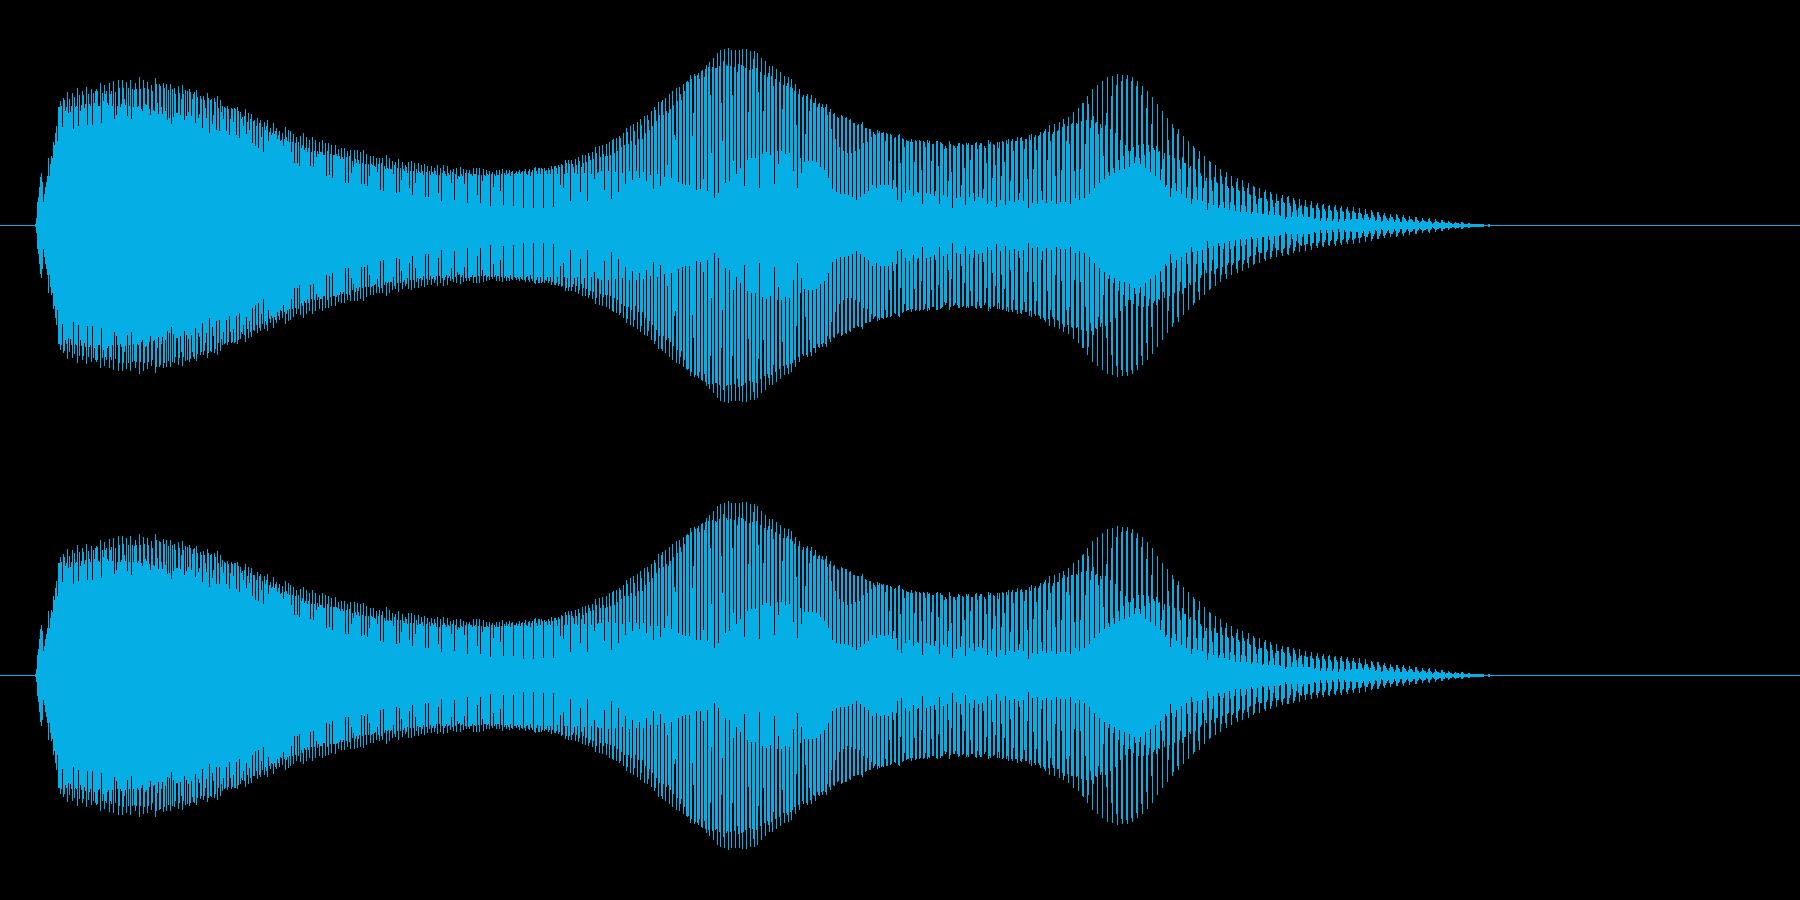 ニャーオ(鳴き声系)の再生済みの波形